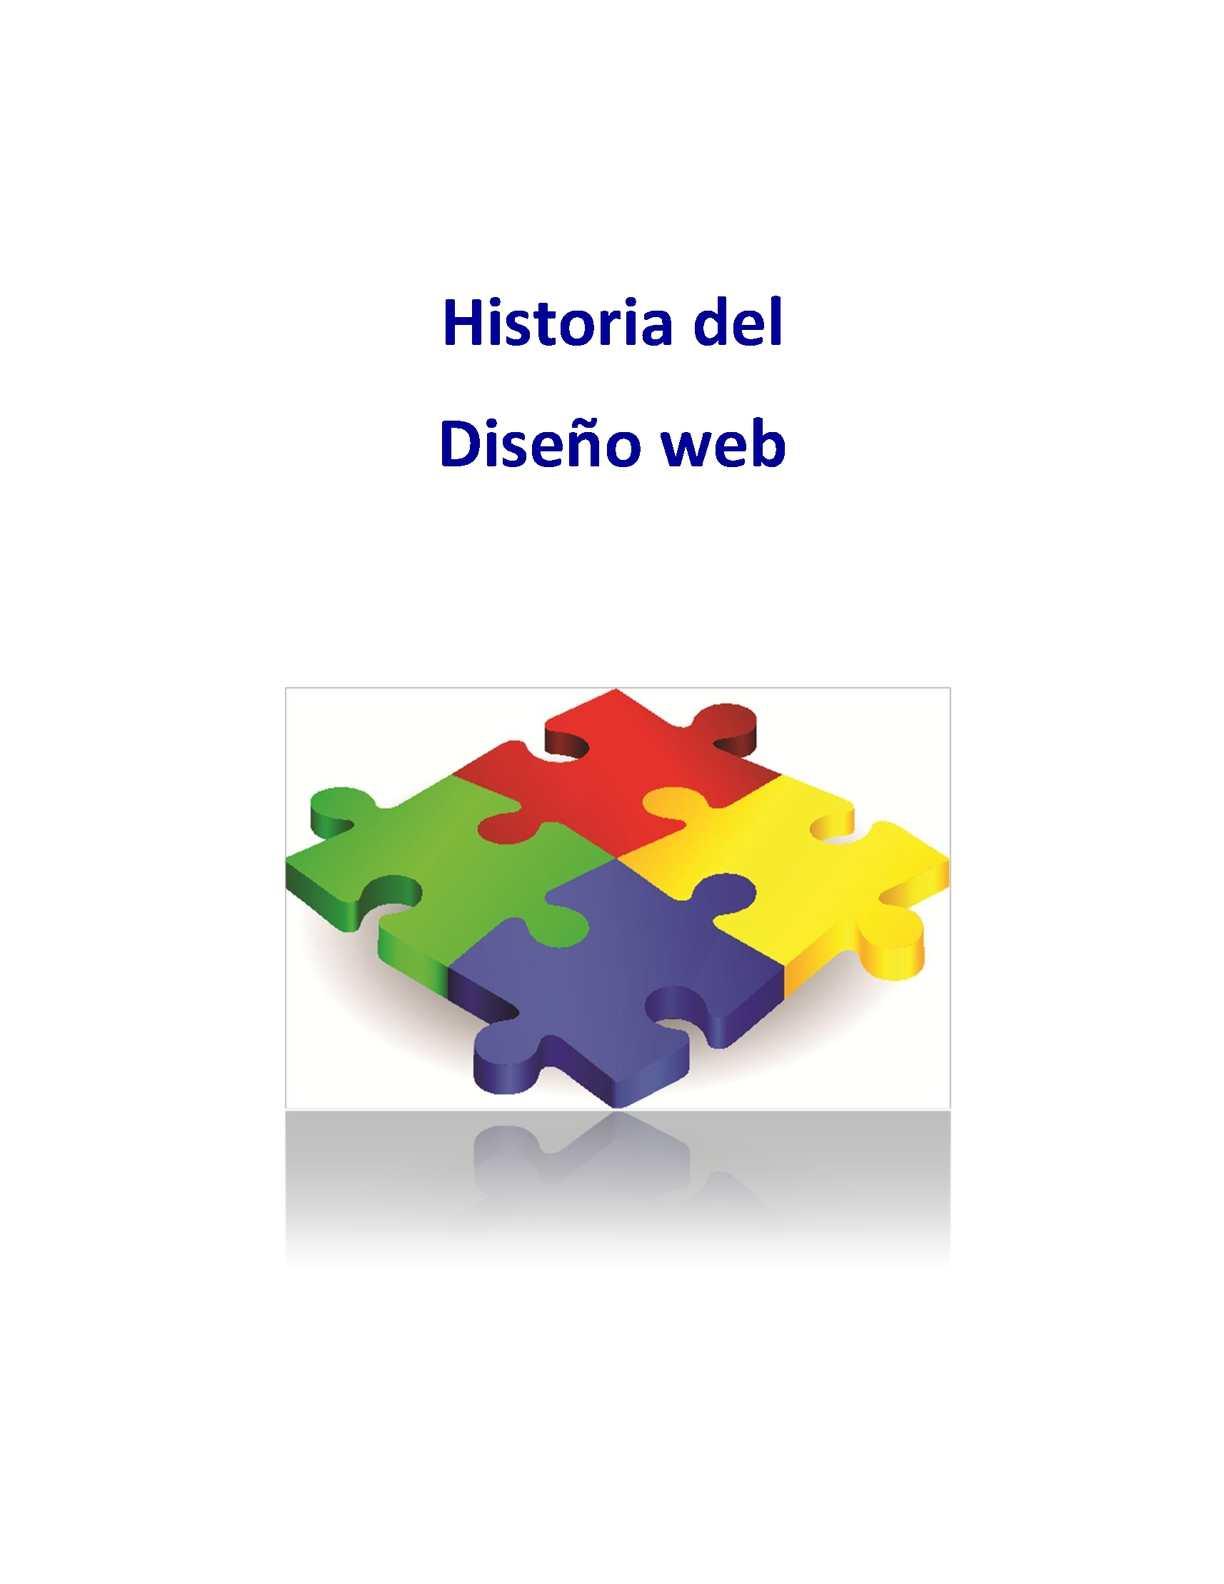 Historia del diseño web